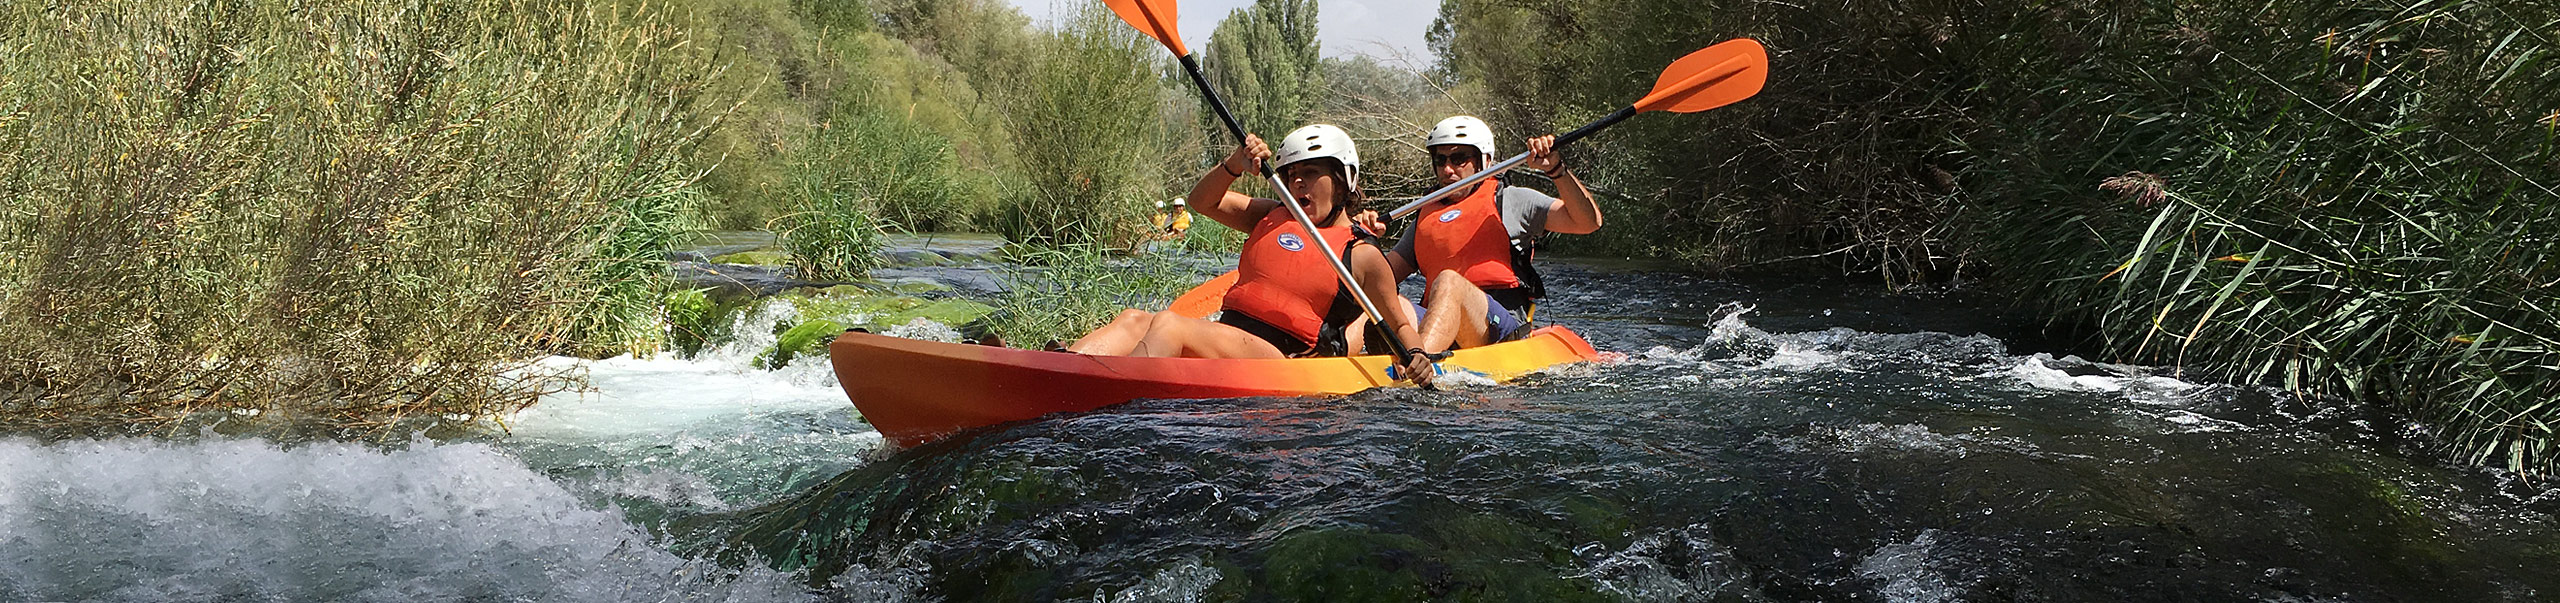 Imagen Kayak y barranquismo en Cuenca